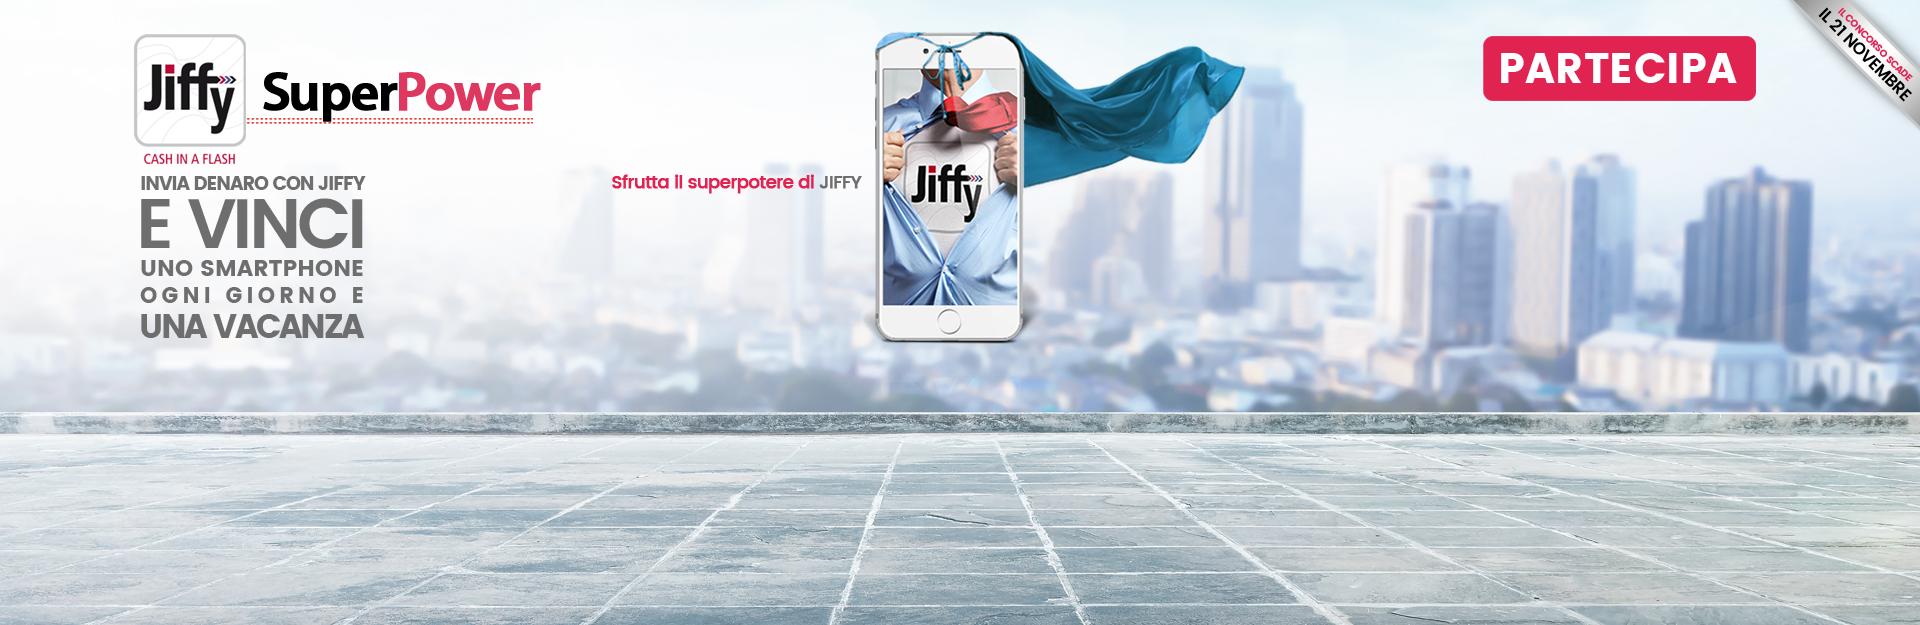 Jiffy SuperPower